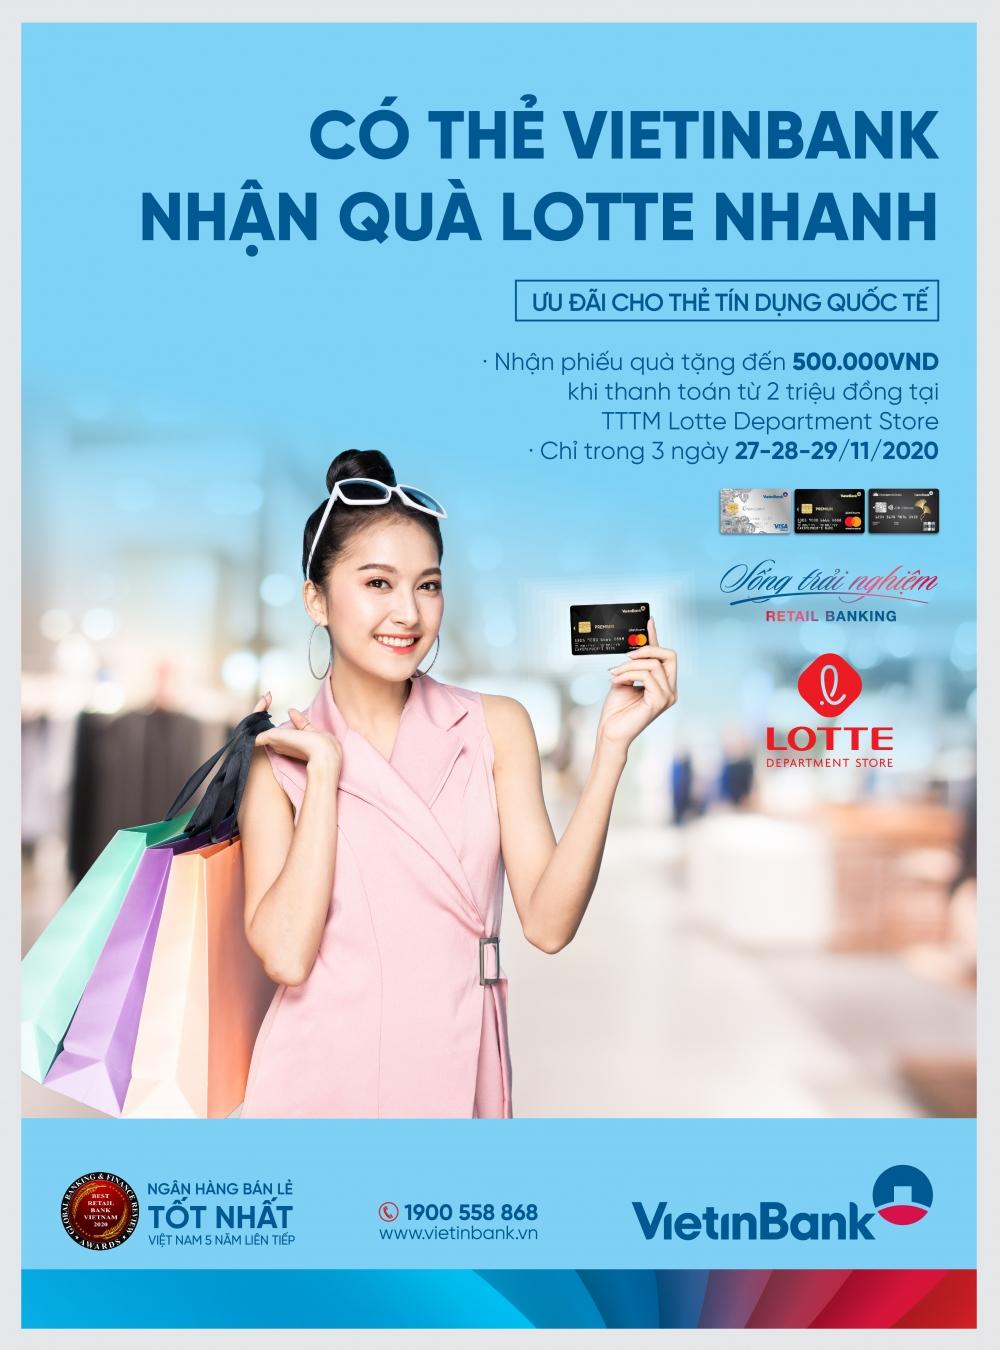 Nhận phiếu quà tặng đến 500.000đ khi mua sắm tại Lotte Department store